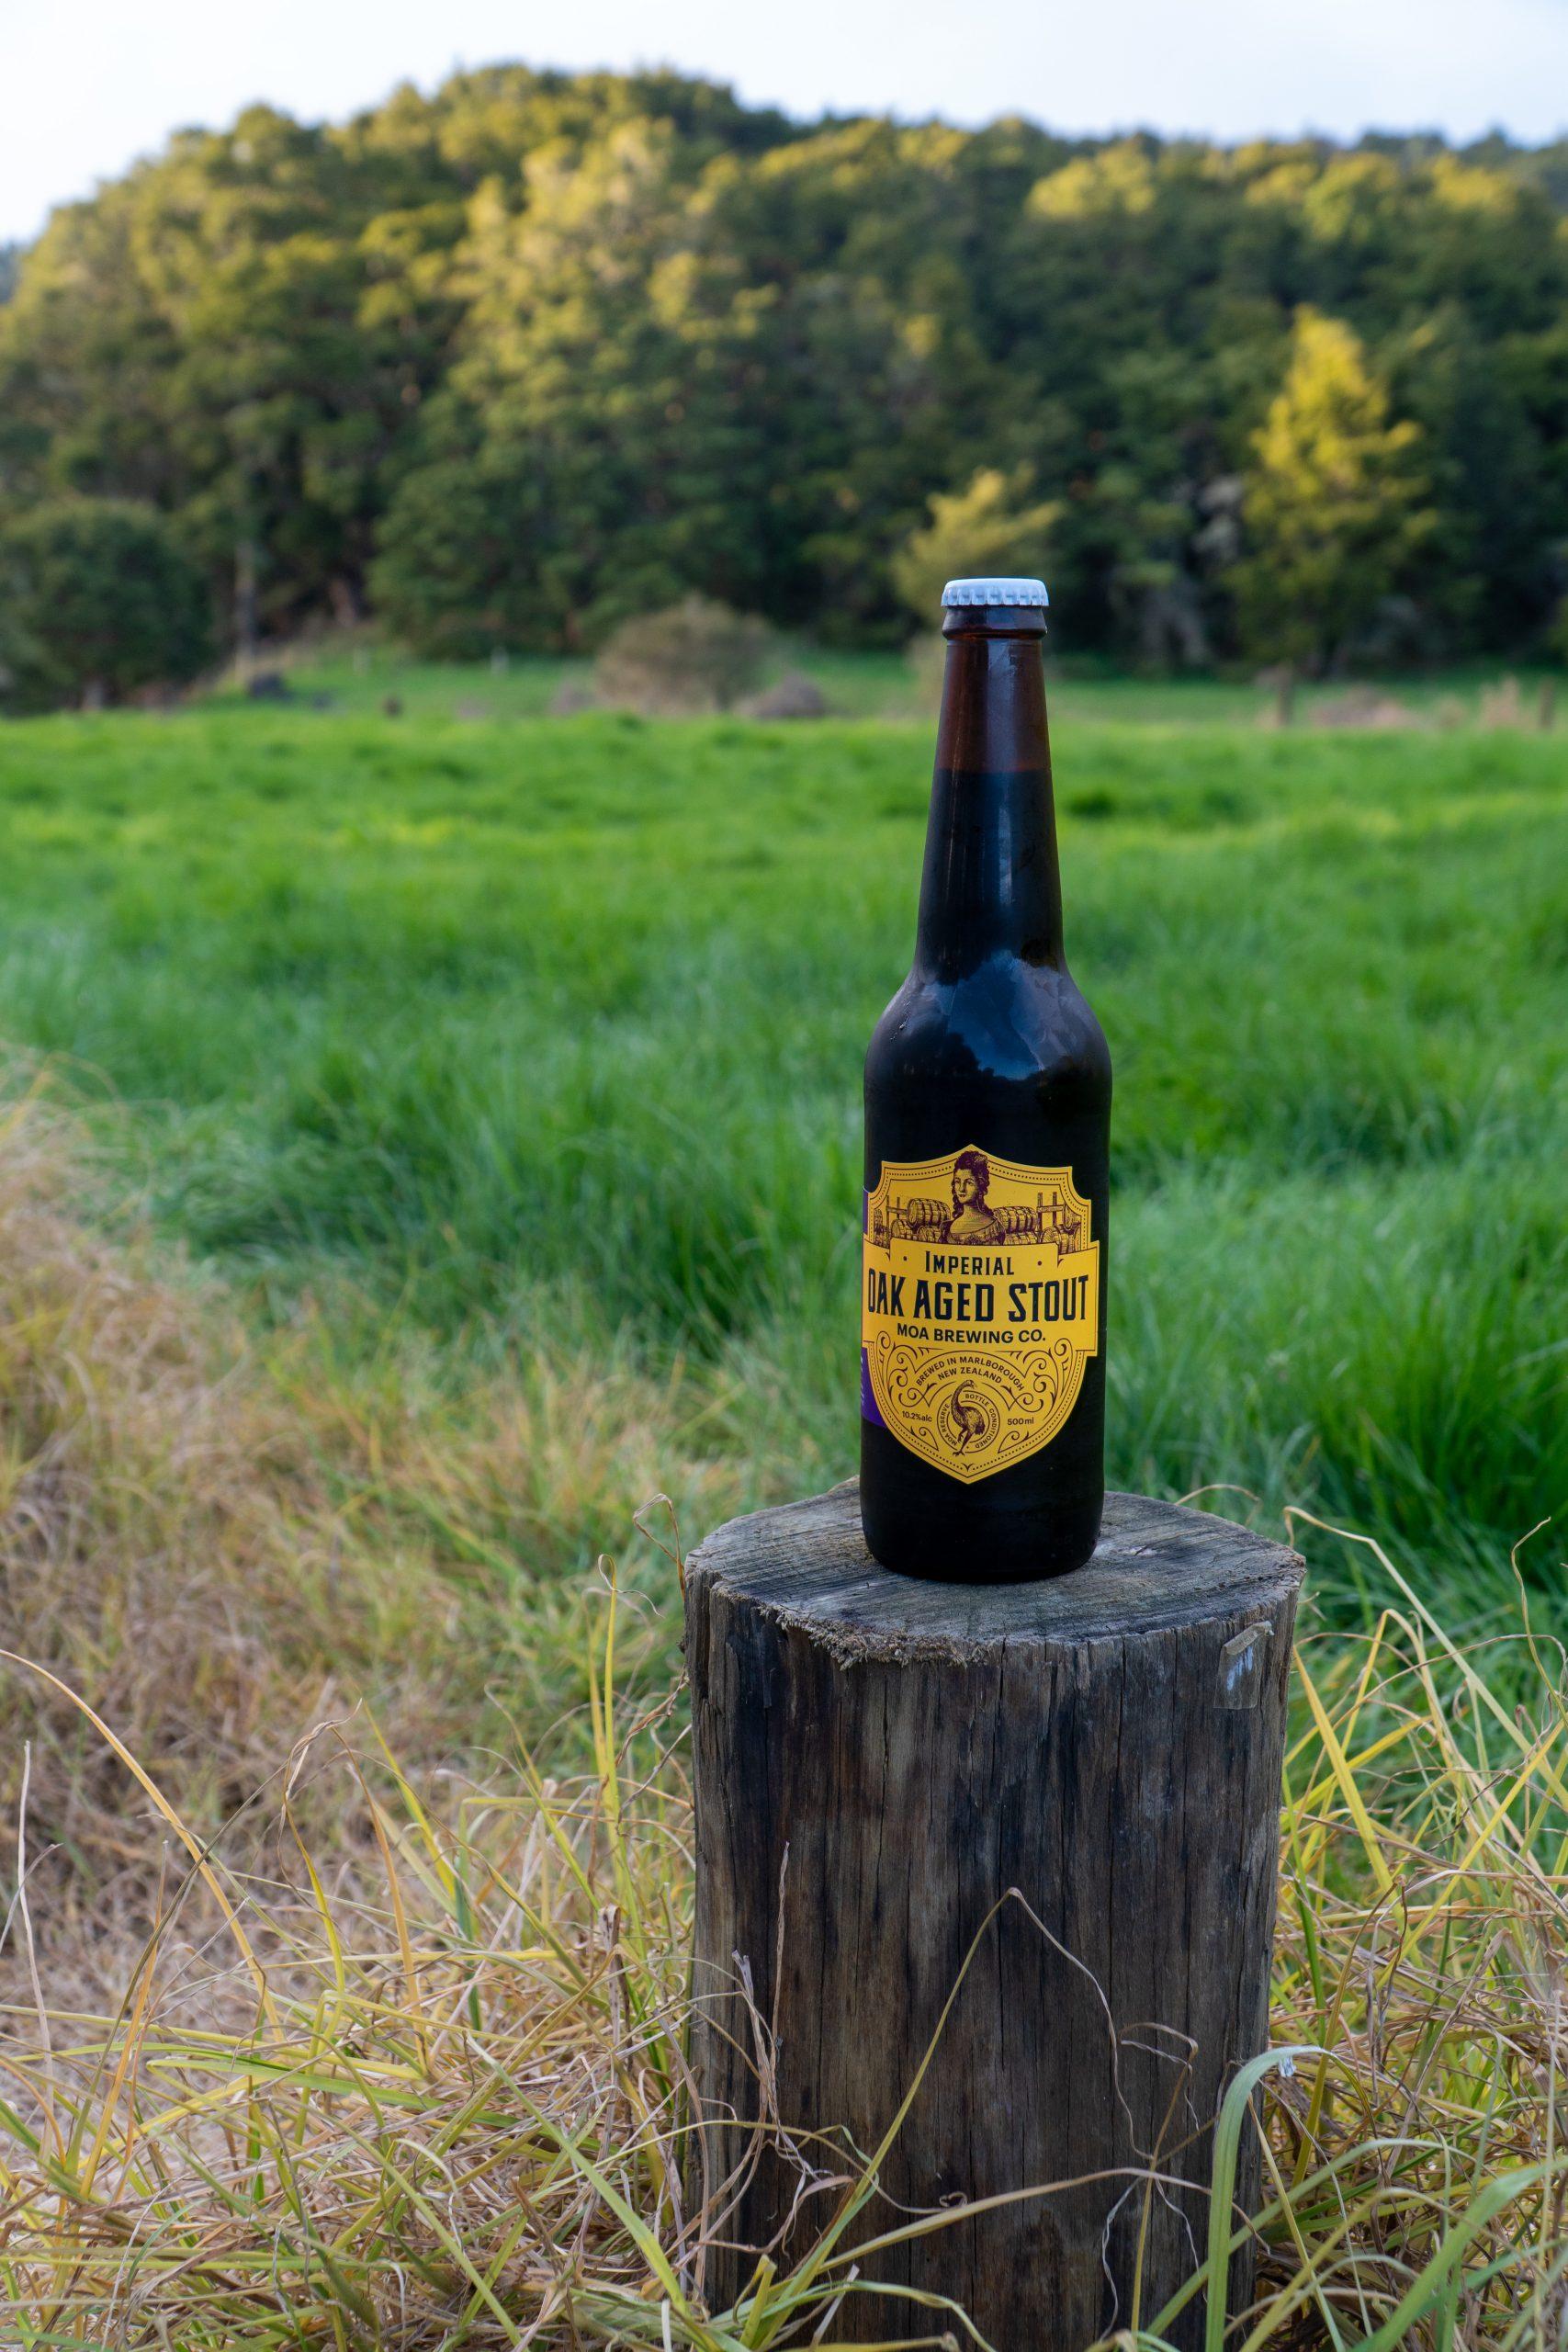 New Zealand Local Beer Bottle Shot